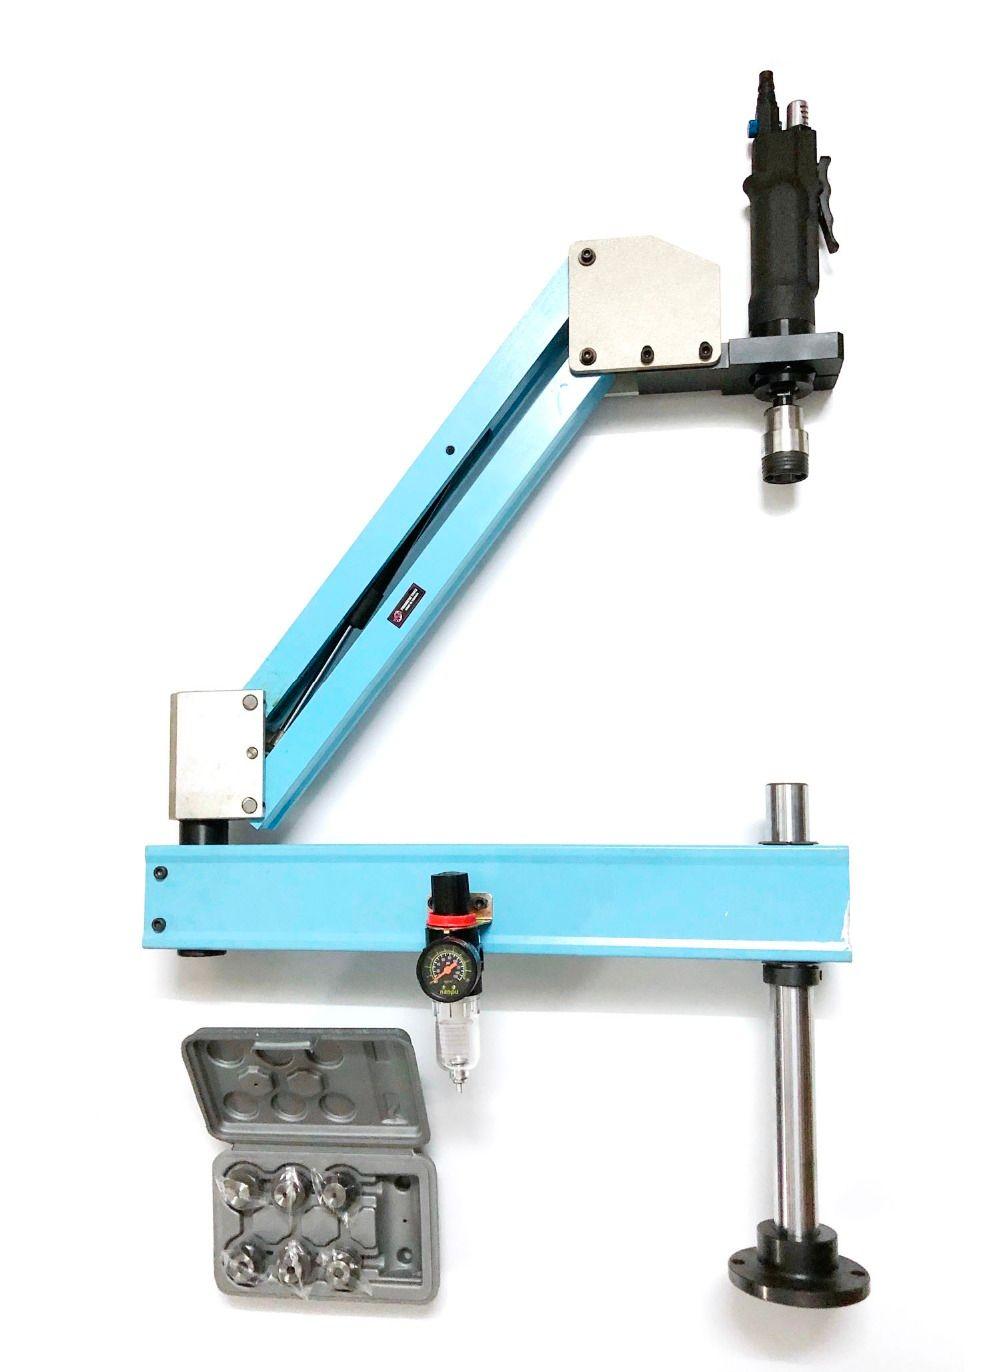 M3-M12 Vertikale Typ Pneumatische Luft Tippen Werkzeug Maschine-arbeits Wasserhähne Threading Maschine Tapping Kapazität Pneumatische Tapper Werkzeuge